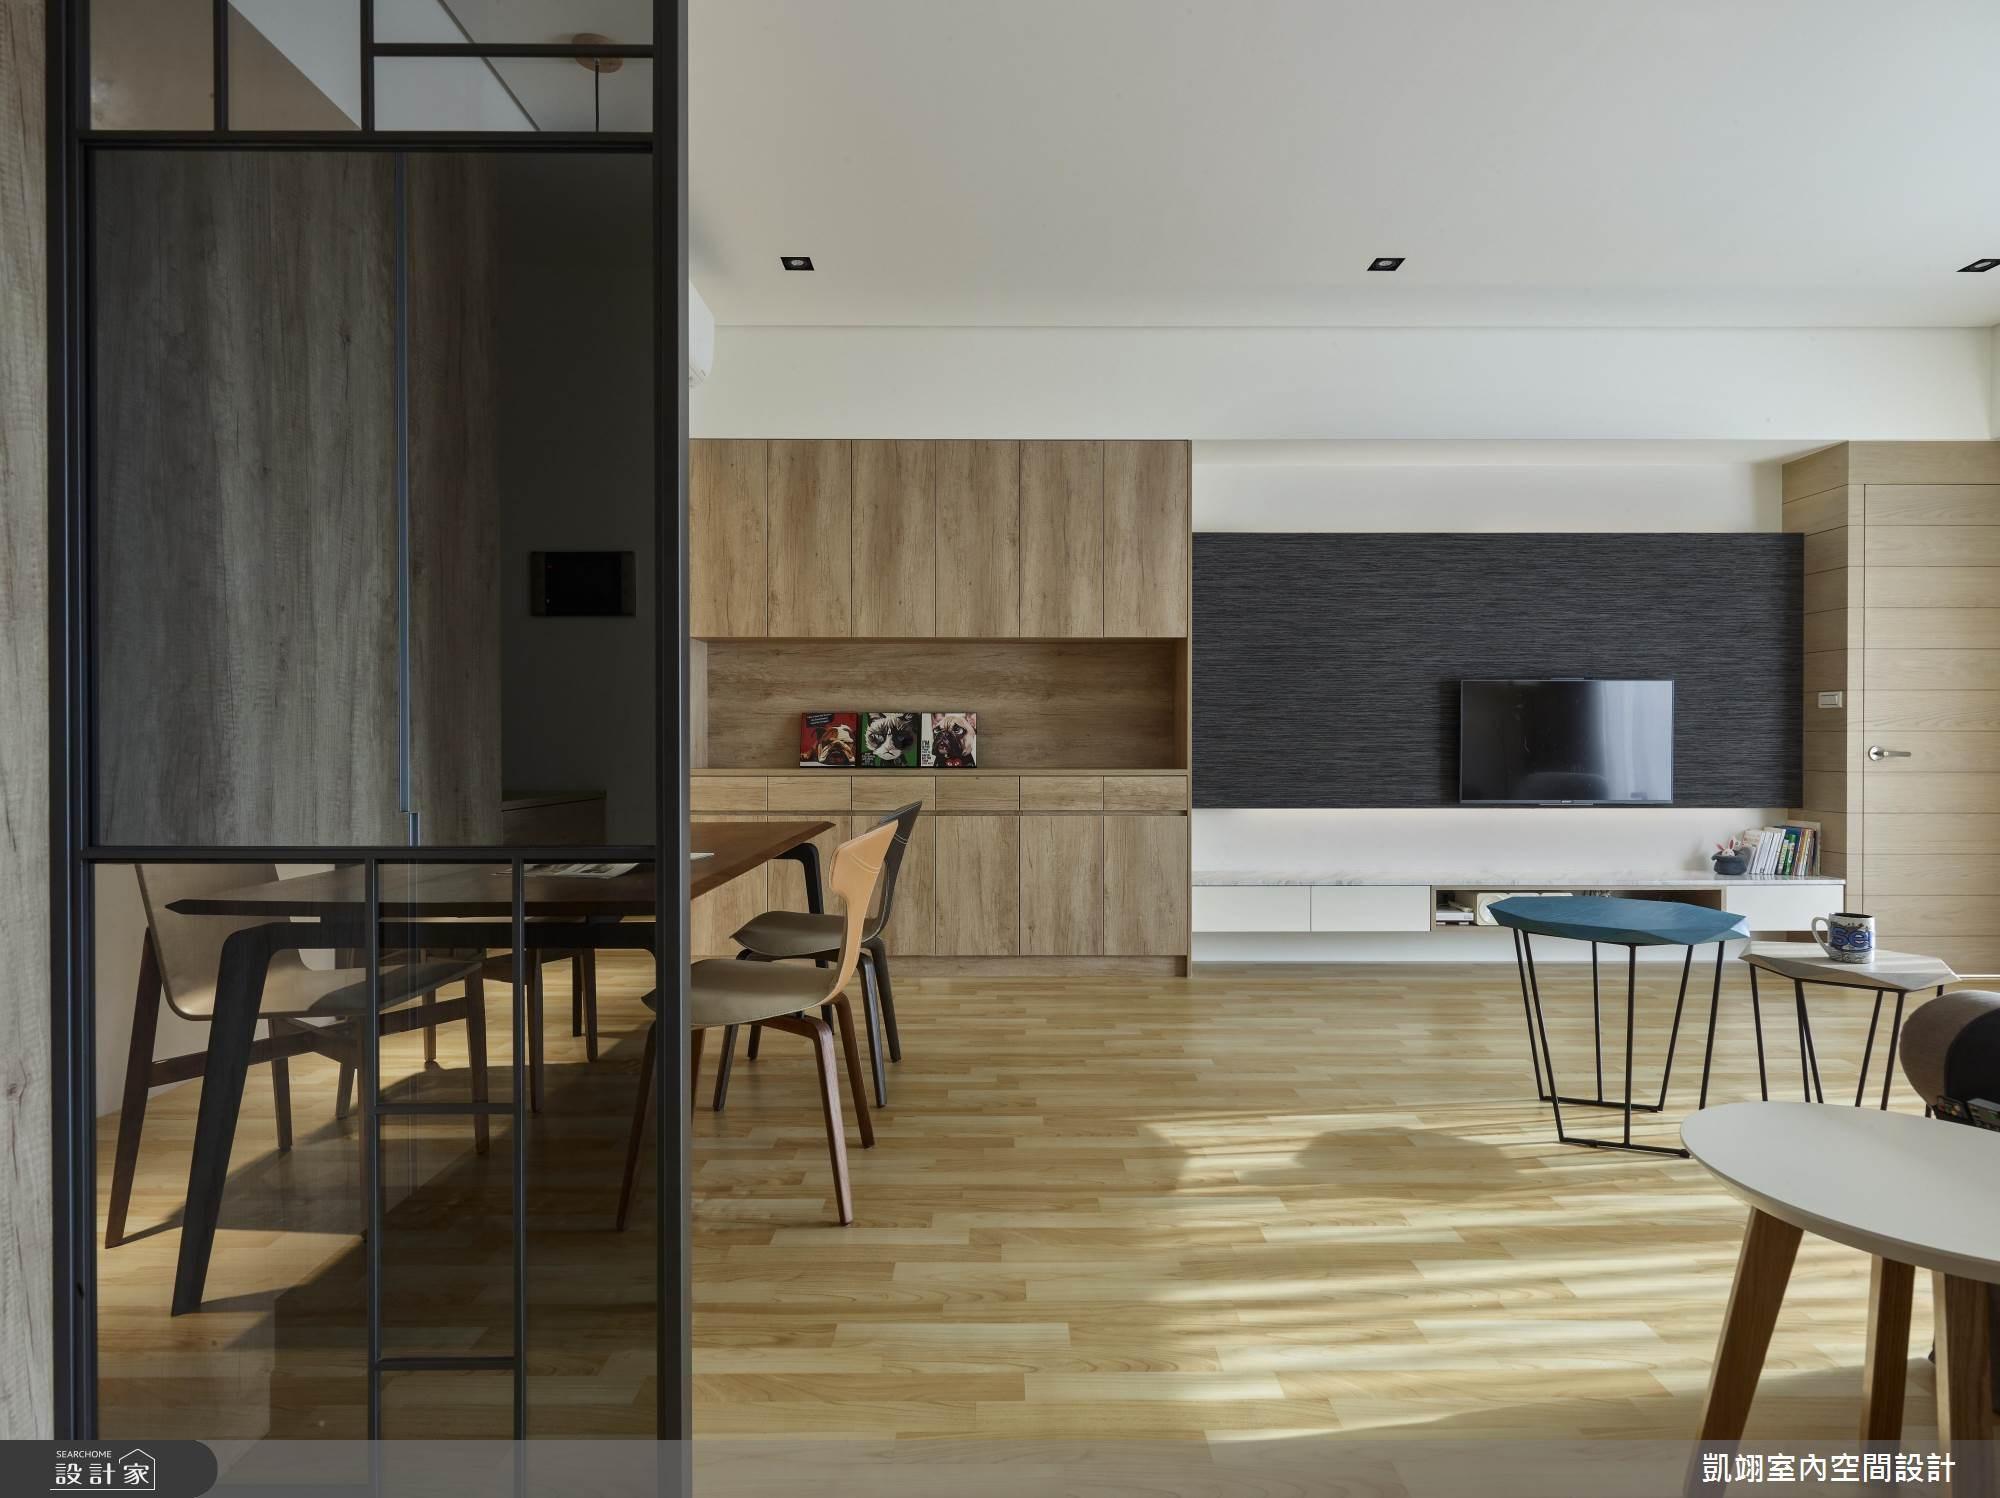 34坪新成屋(5年以下)_簡約風案例圖片_凱翊室內空間設計_凱翊_06之1